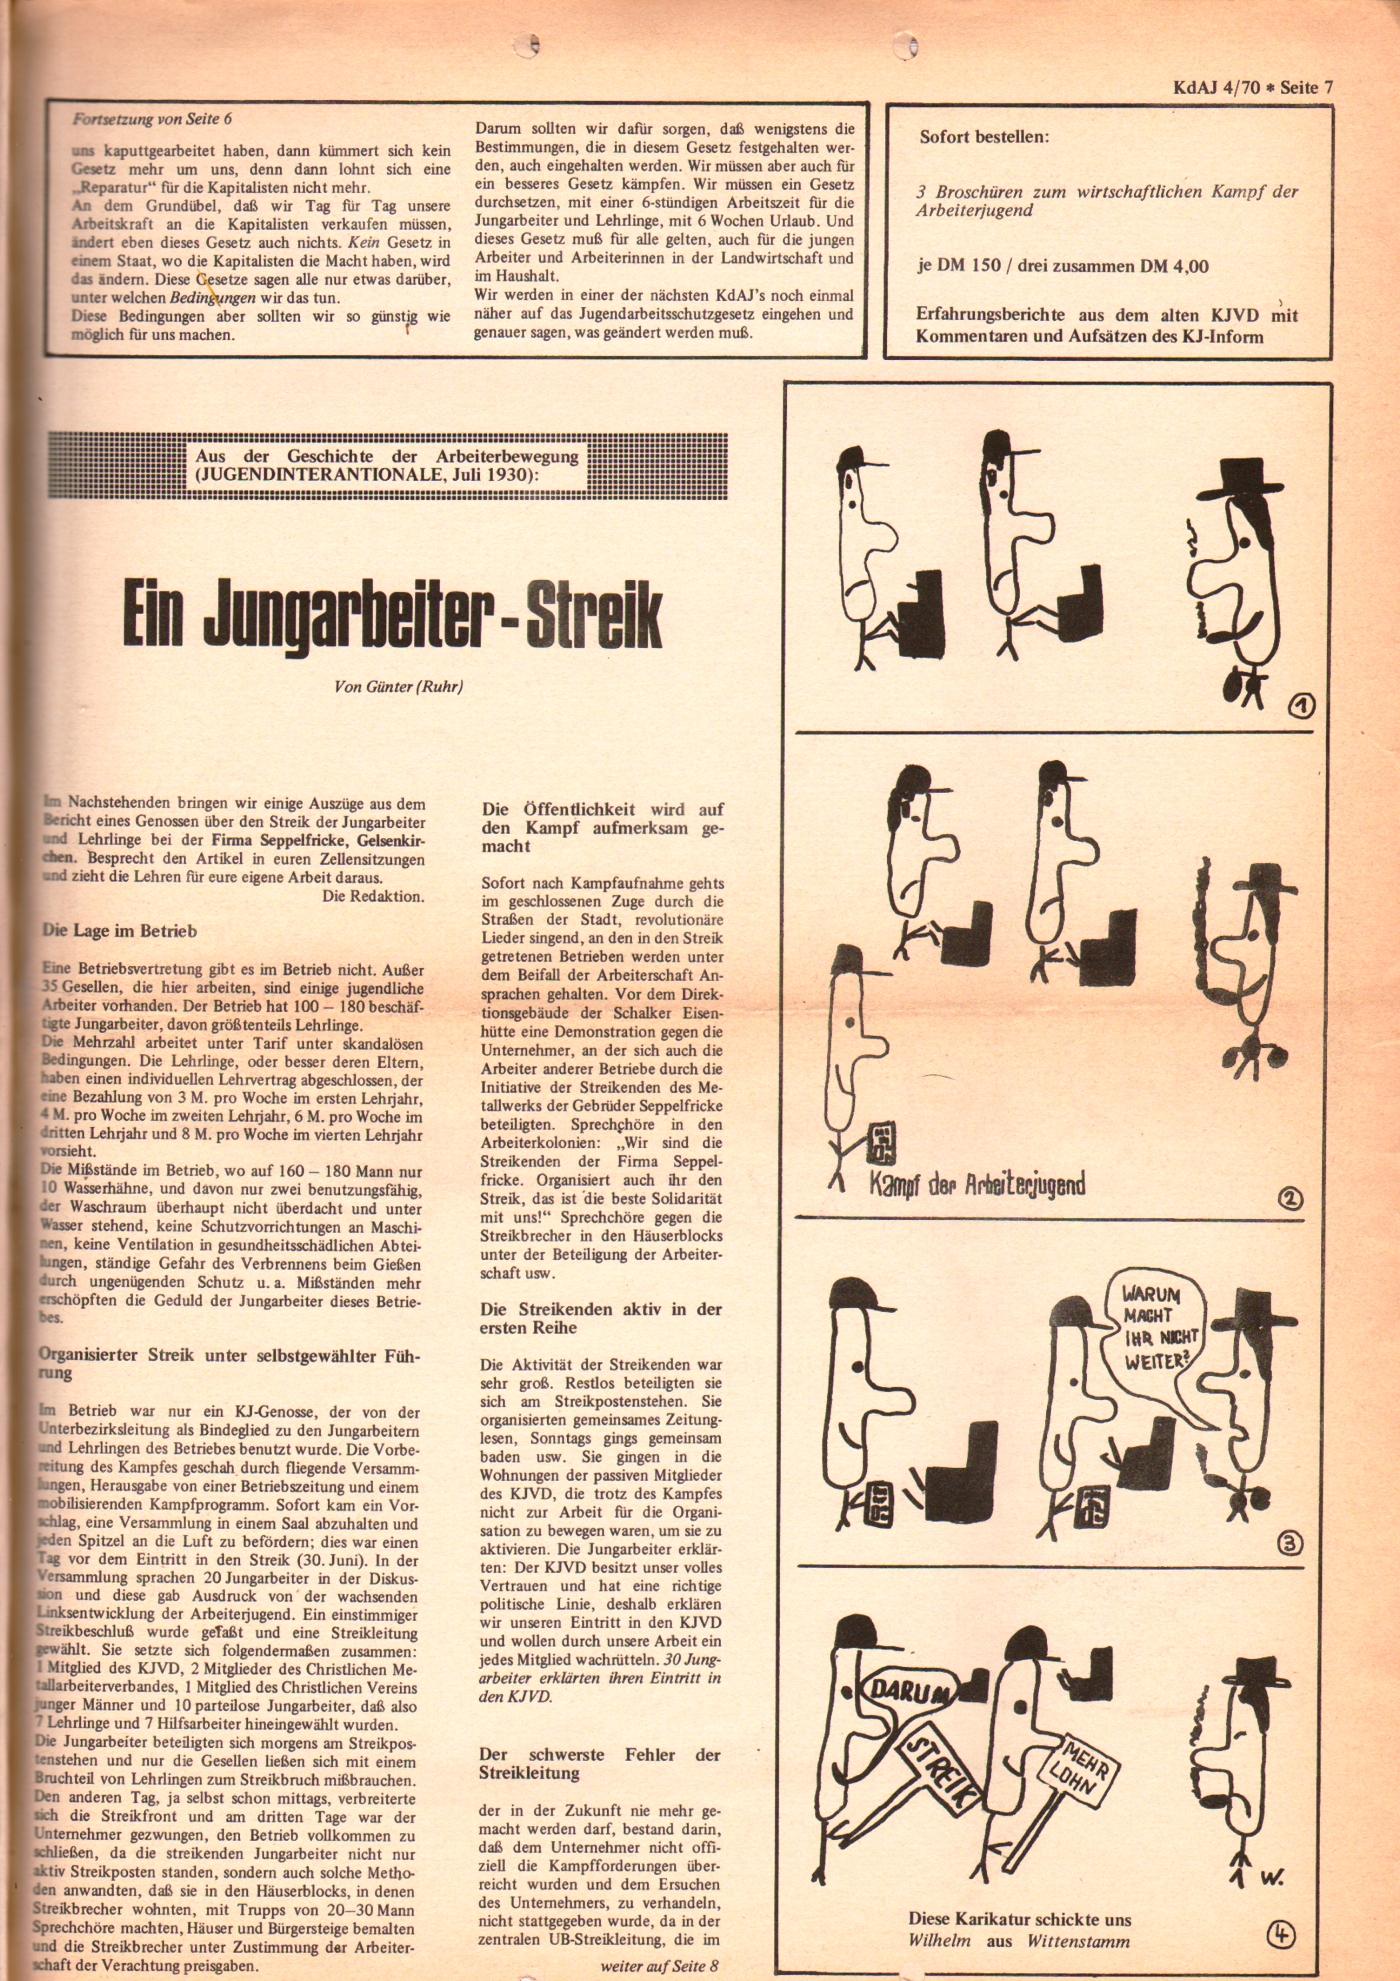 KDAJ, 1. Jg., September 1970, Nr. 4, Seite 7